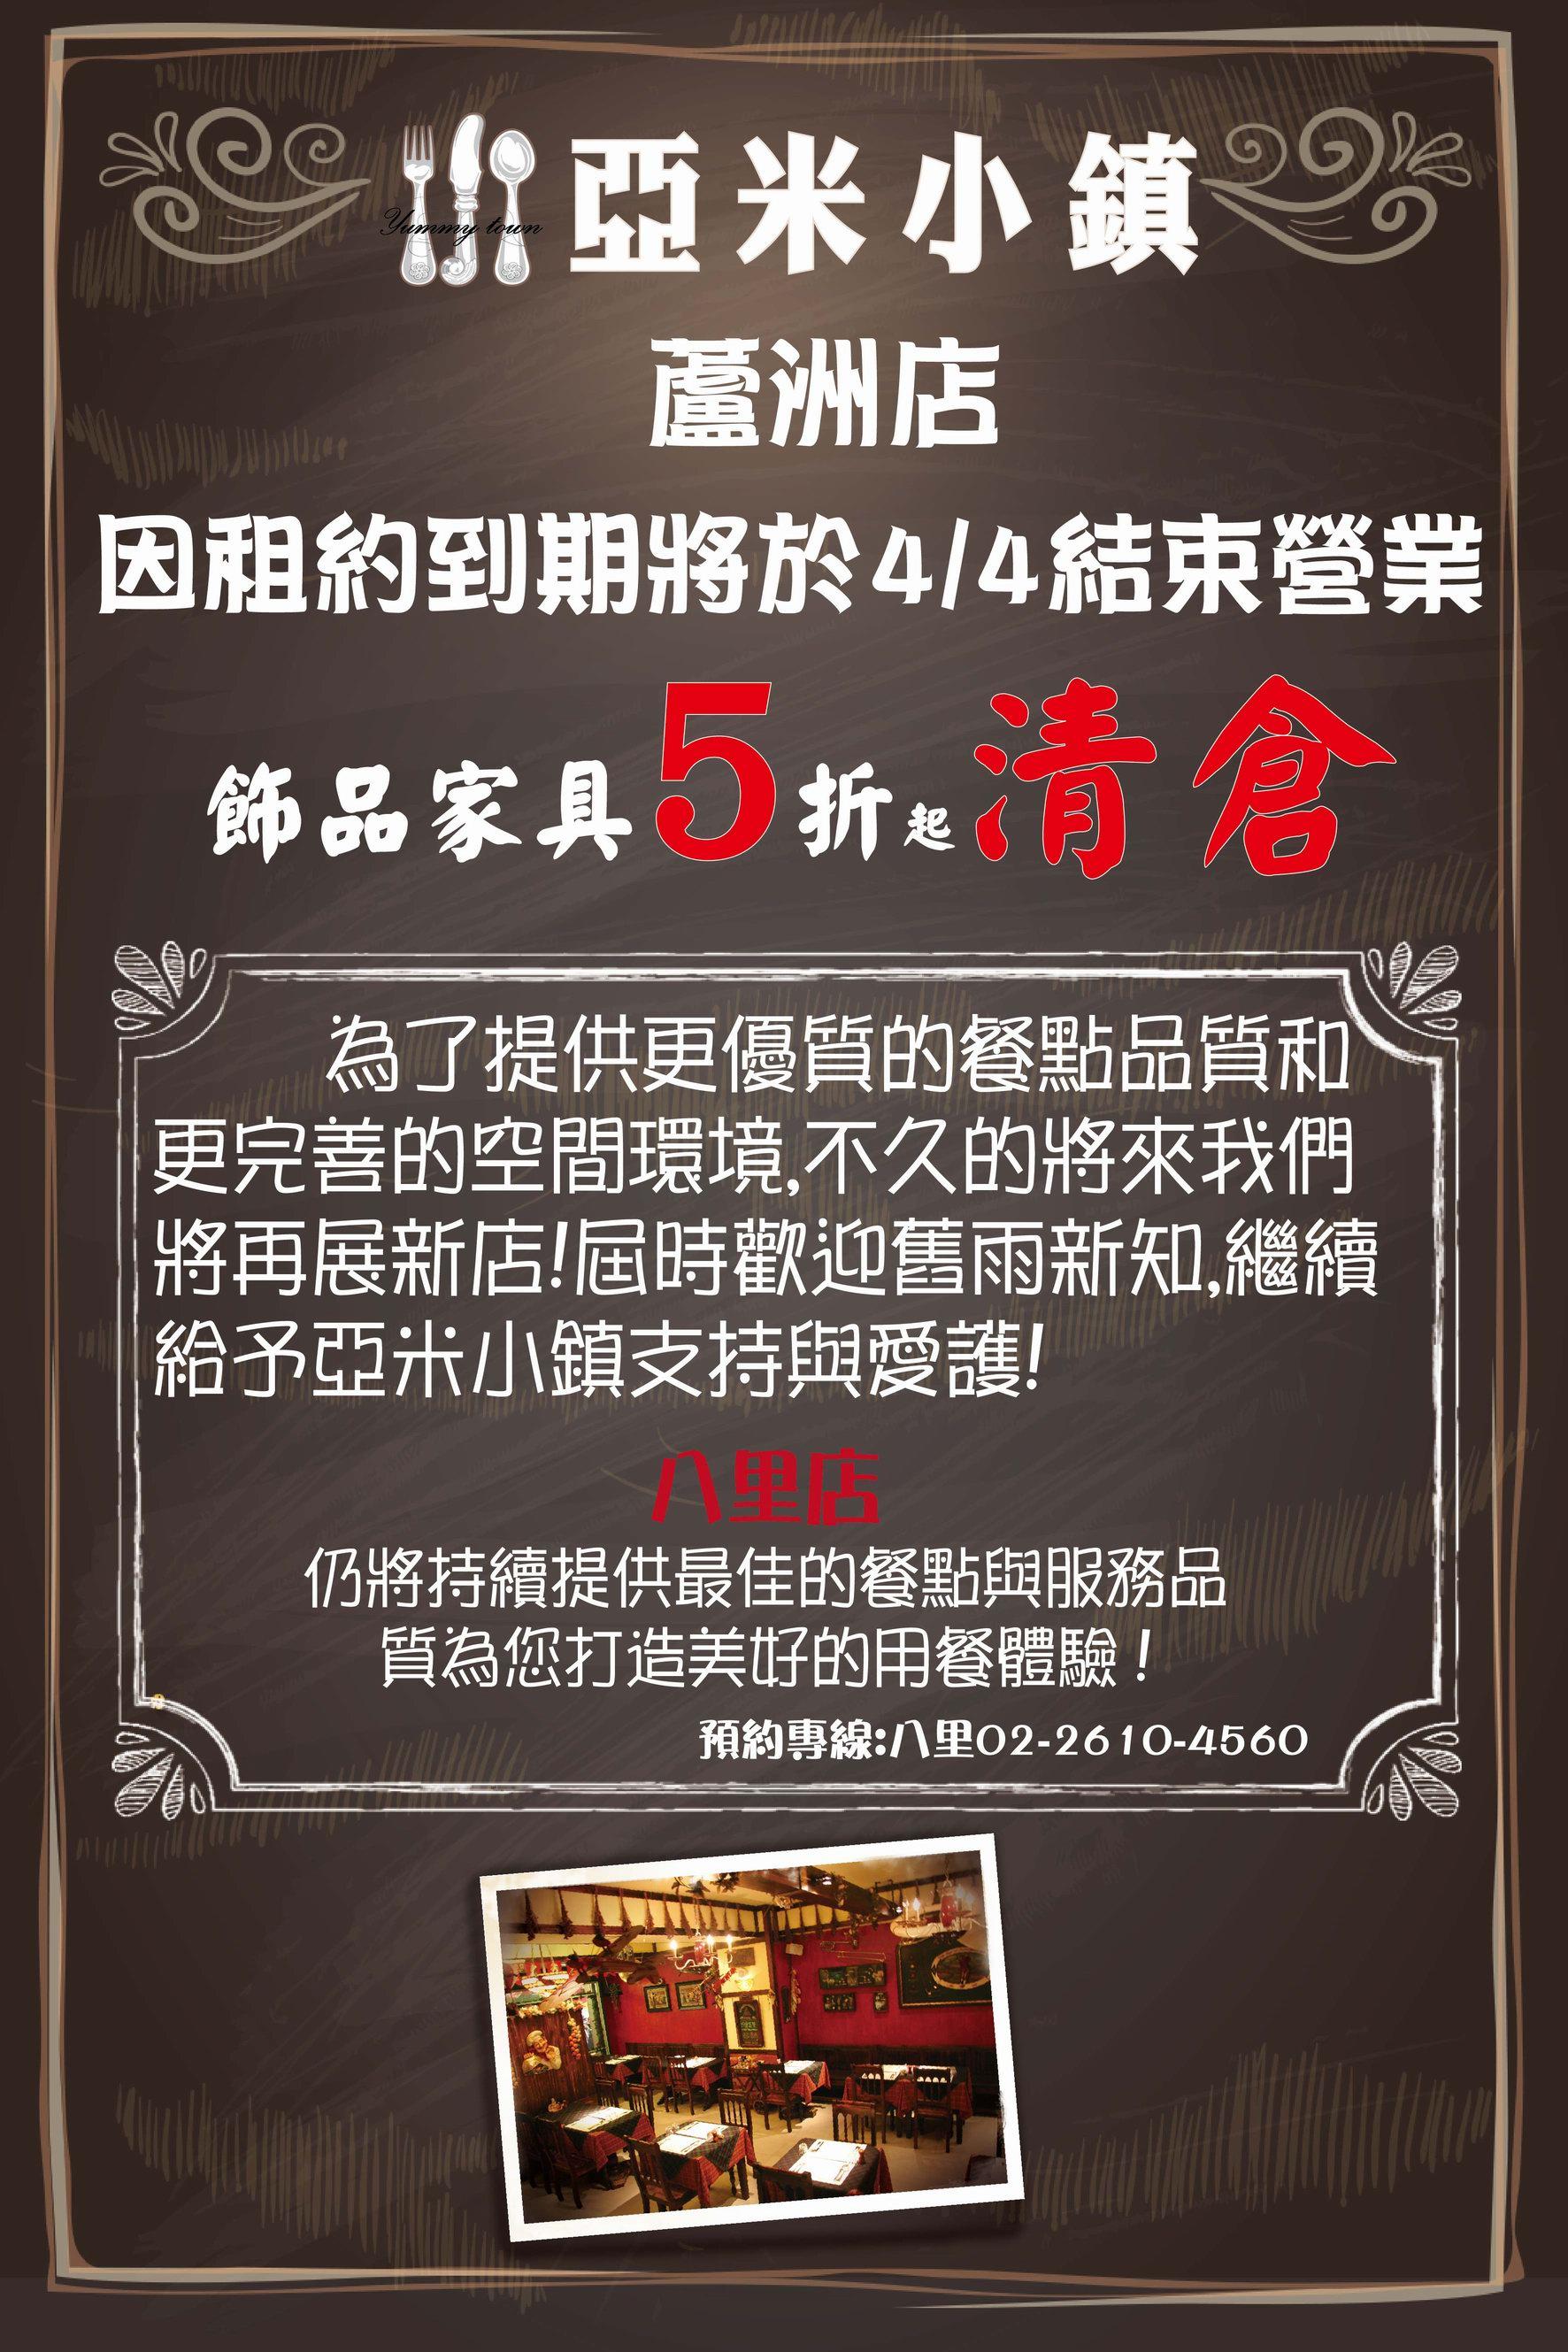 芦洲店租约到期营业结束通知-2017/4/4最后营业日